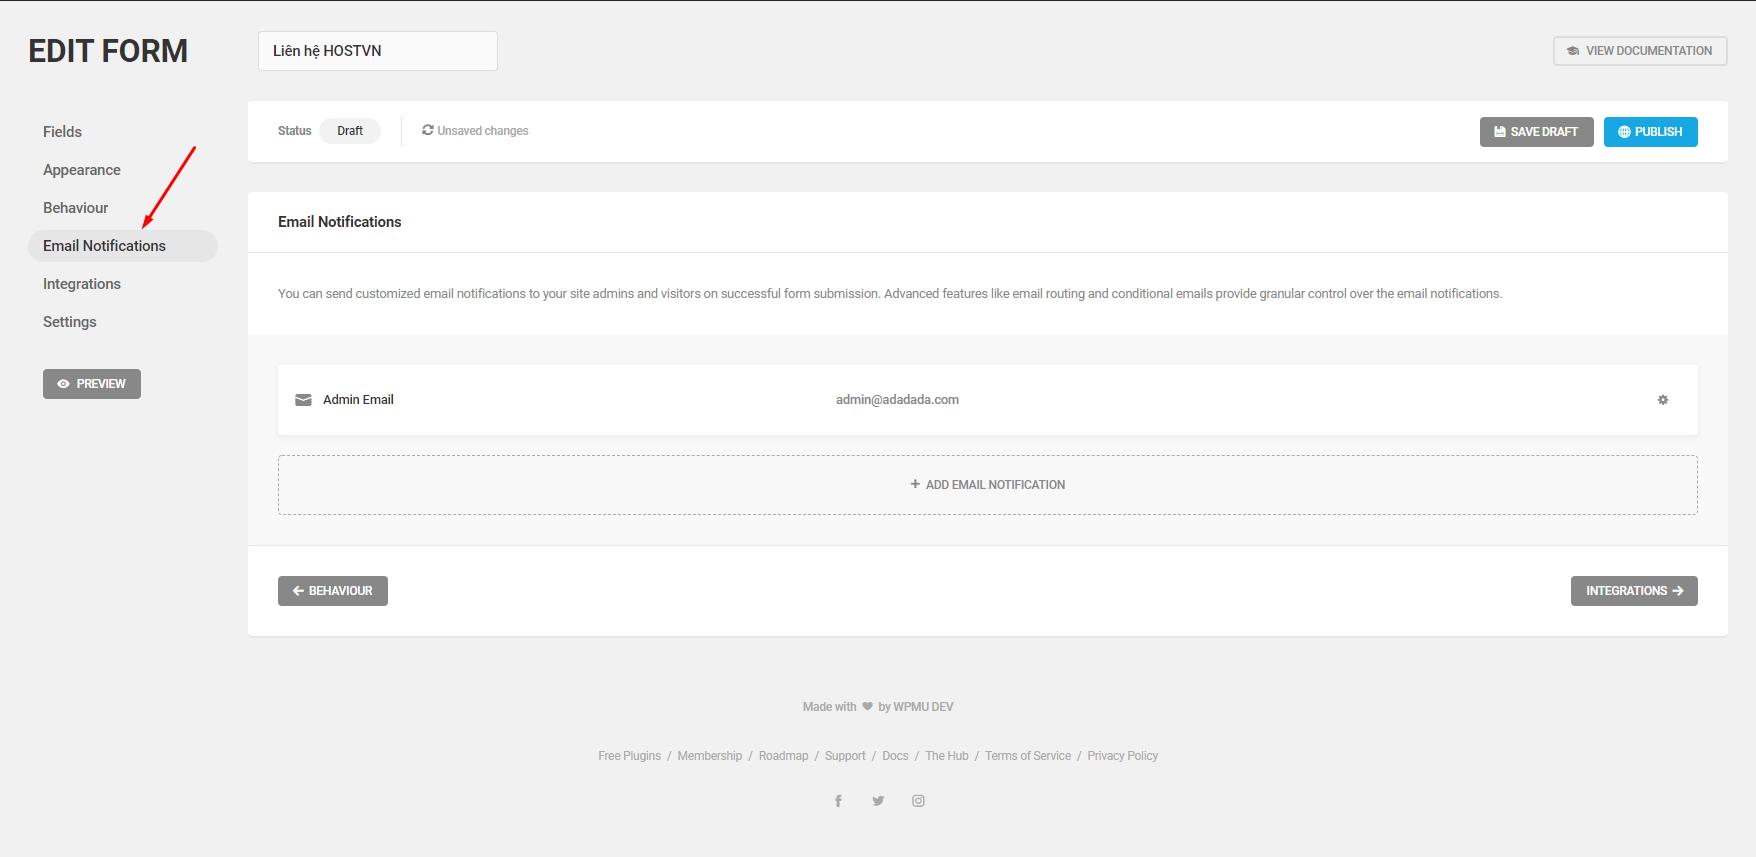 Screenshot_24 - tạo form liên hệ cho WordPress